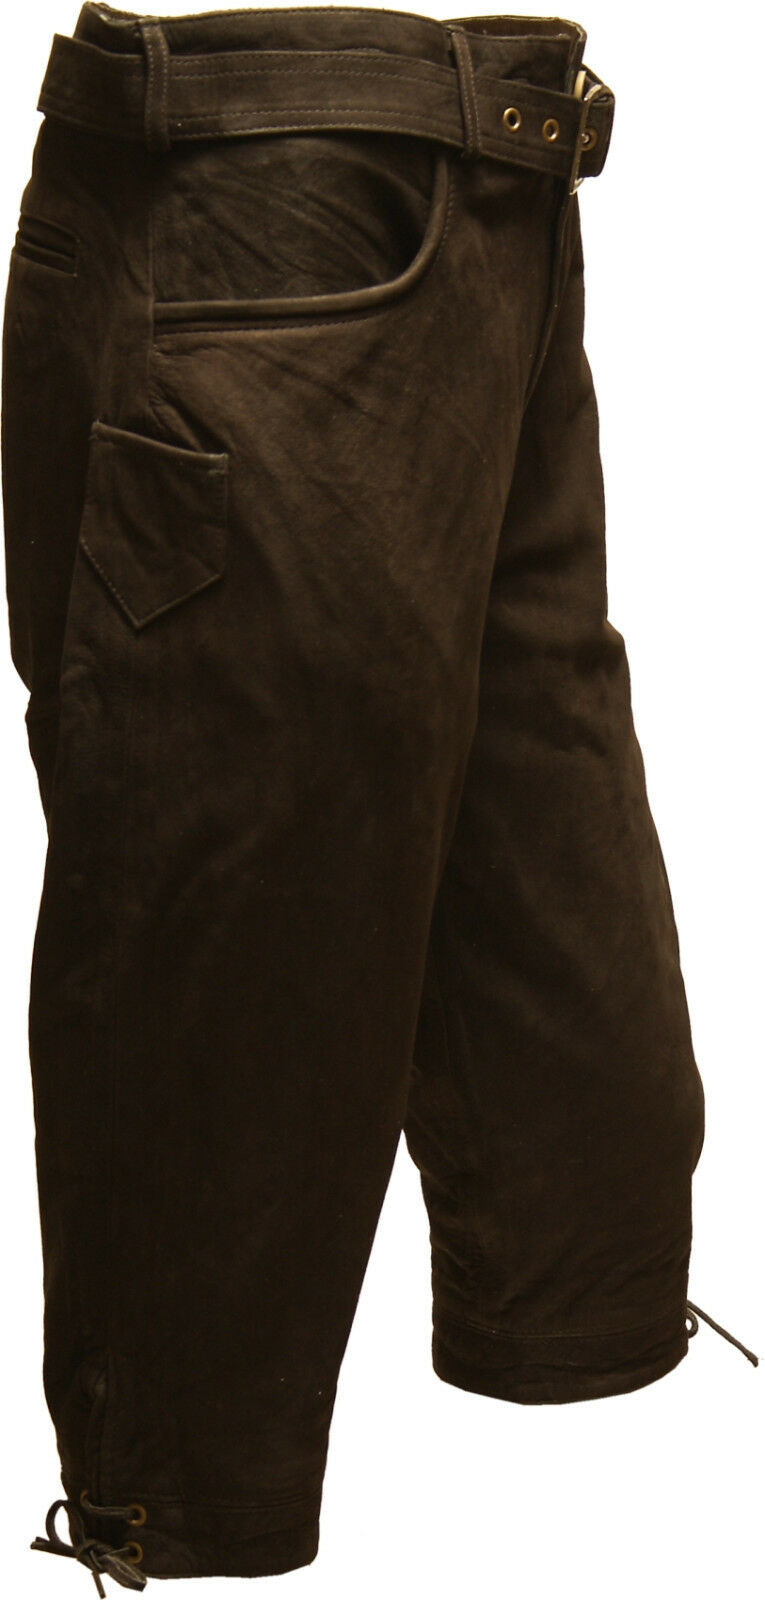 NEUE Kniebundlederhose Lederhose Lederhose Lederhose Outdoorhose Hose dunkel braun b7343e